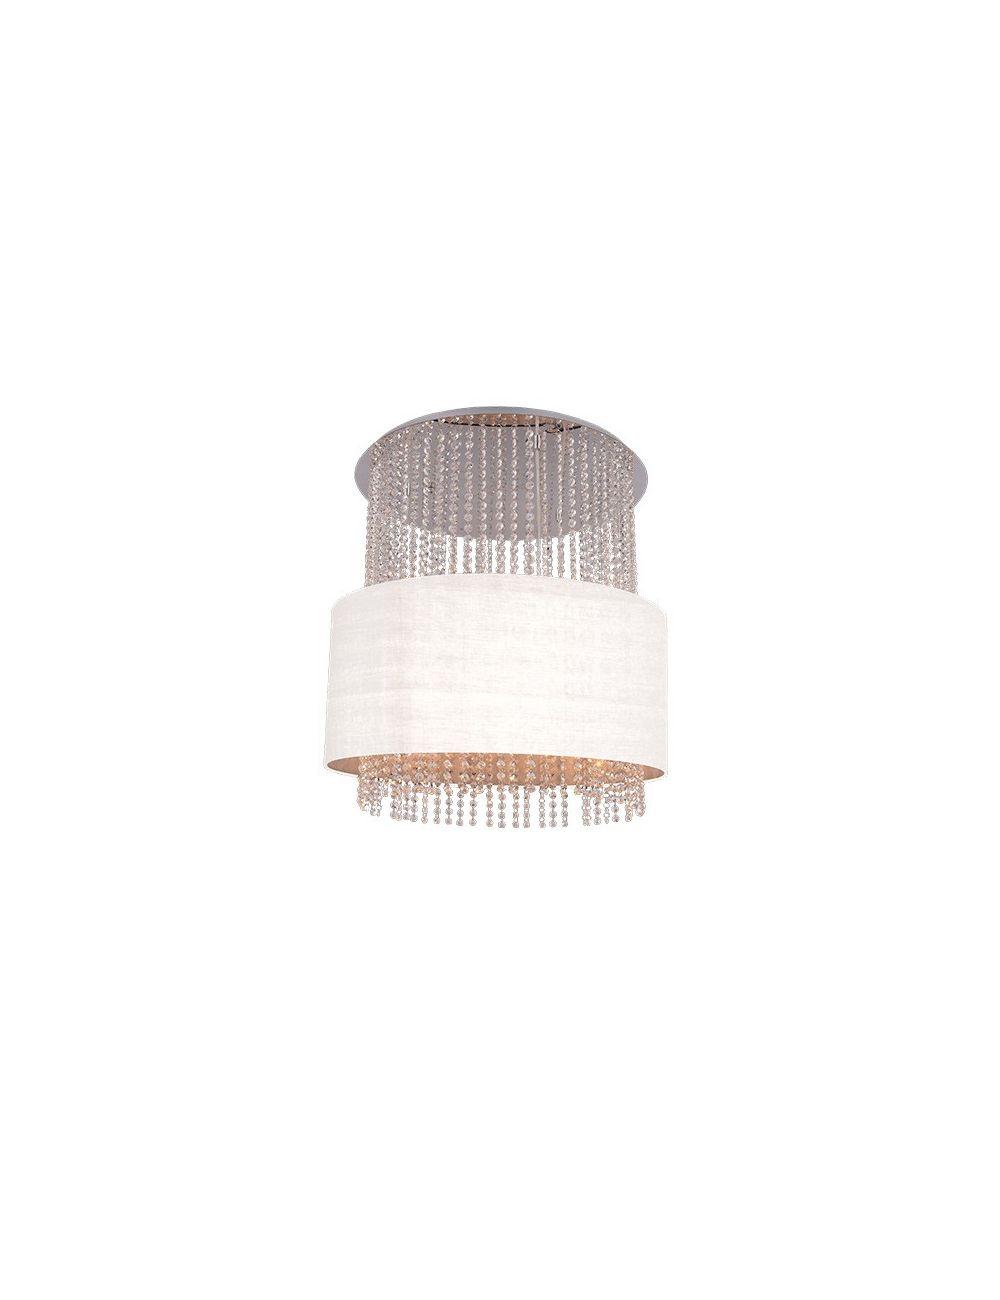 Lampa wisząca Glamour biała